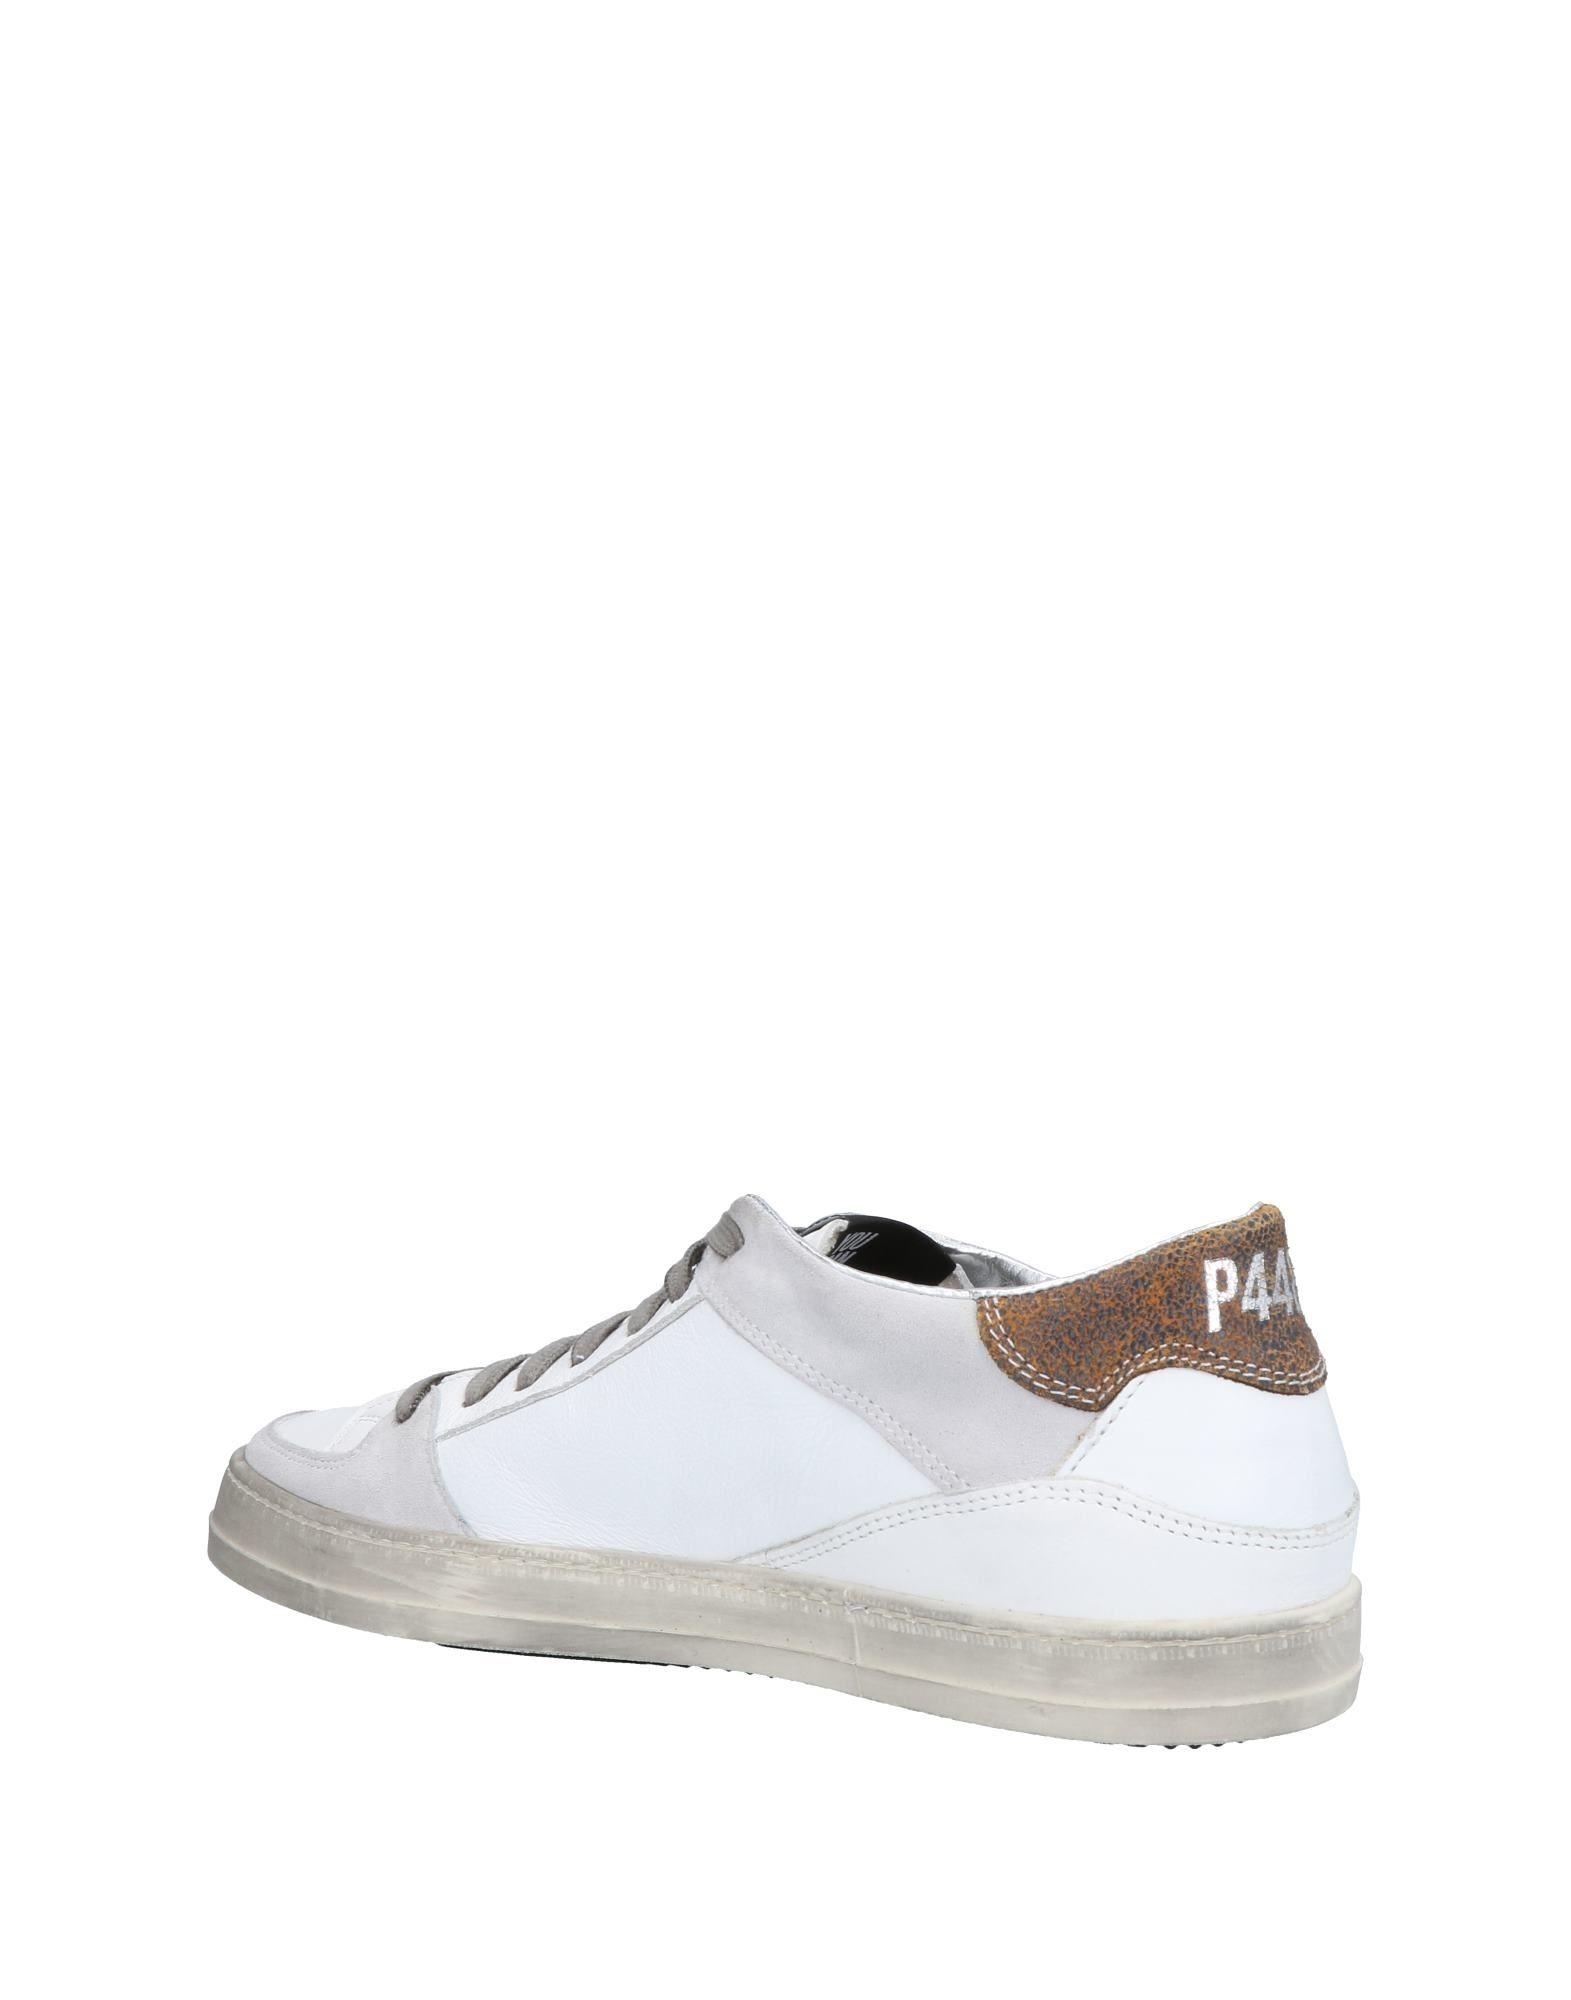 Rabatt Schuhe echte Schuhe Rabatt P448 Sneakers Herren  11457218TB f413b6